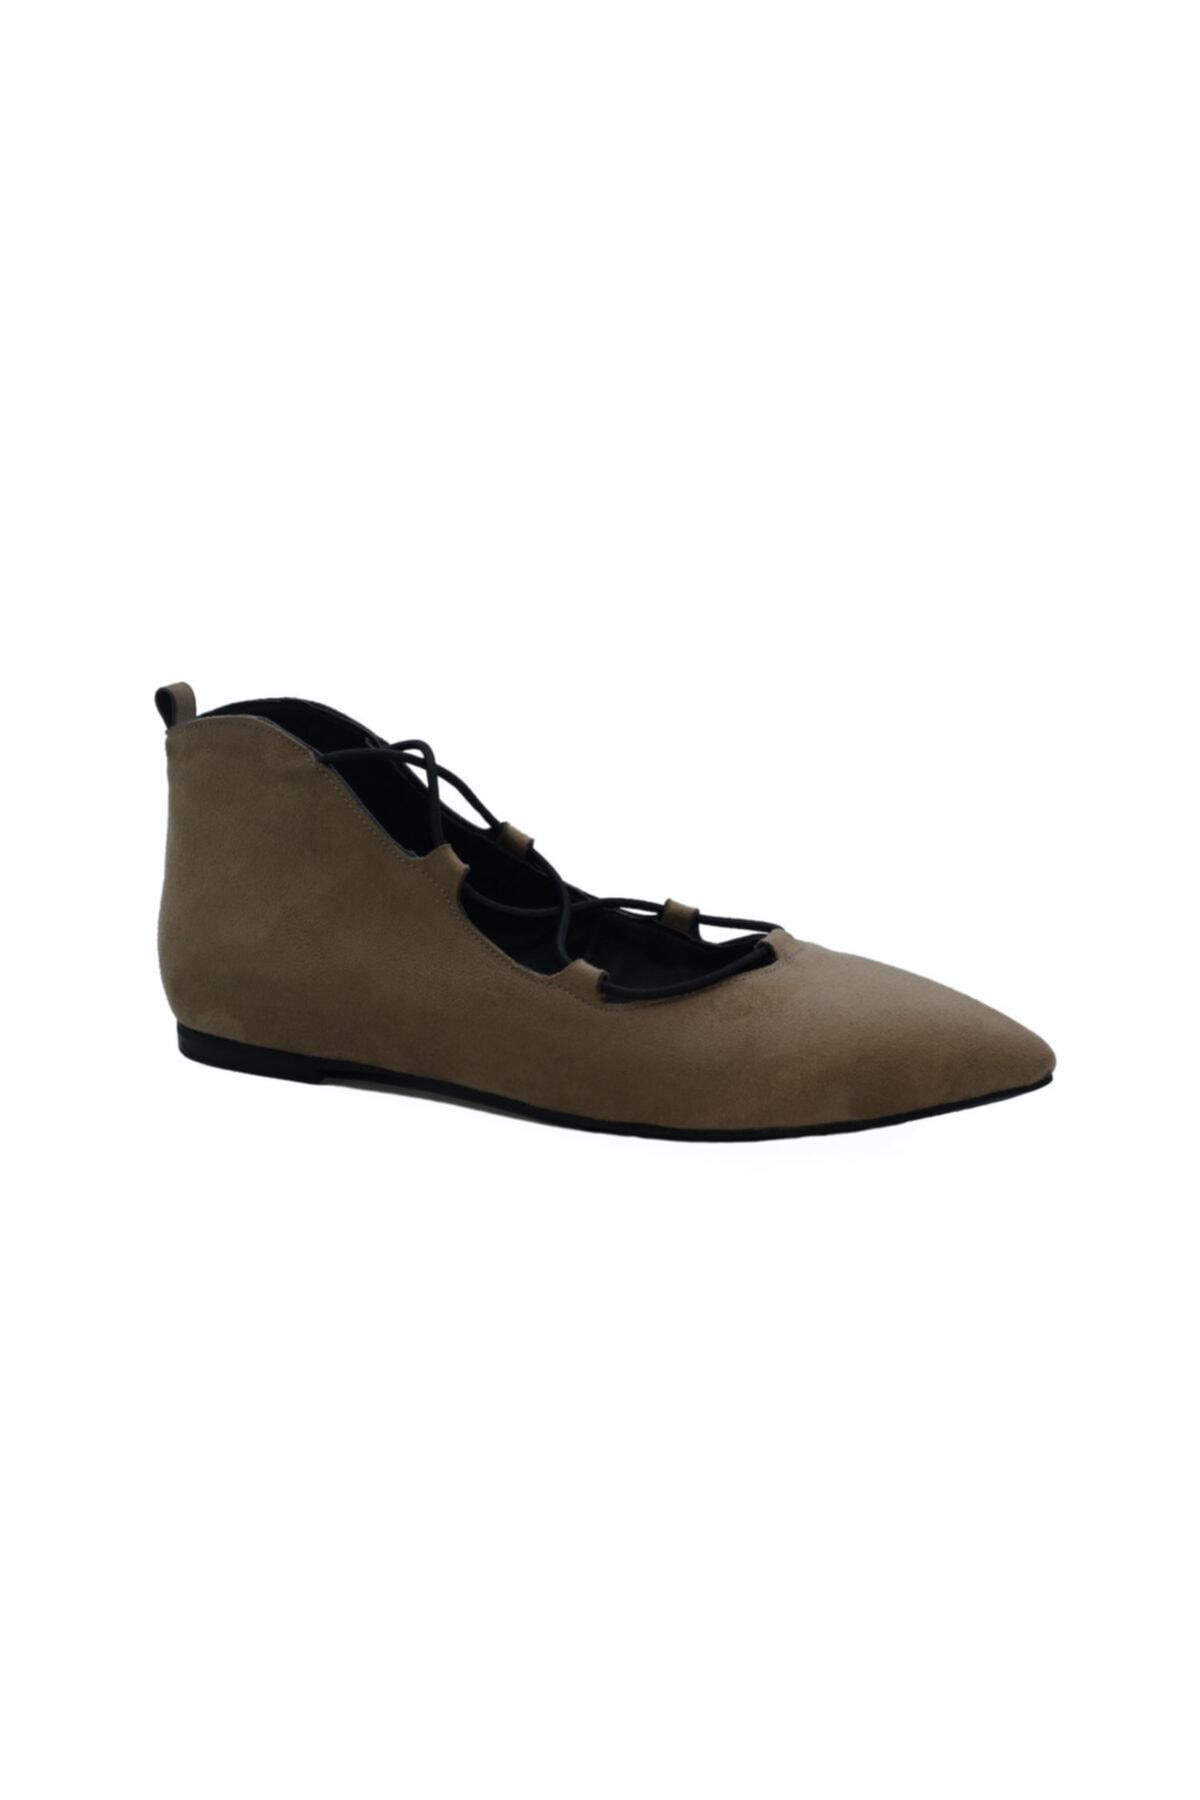 DİVUM Kadın Vizon Süet Ayakkabı 2